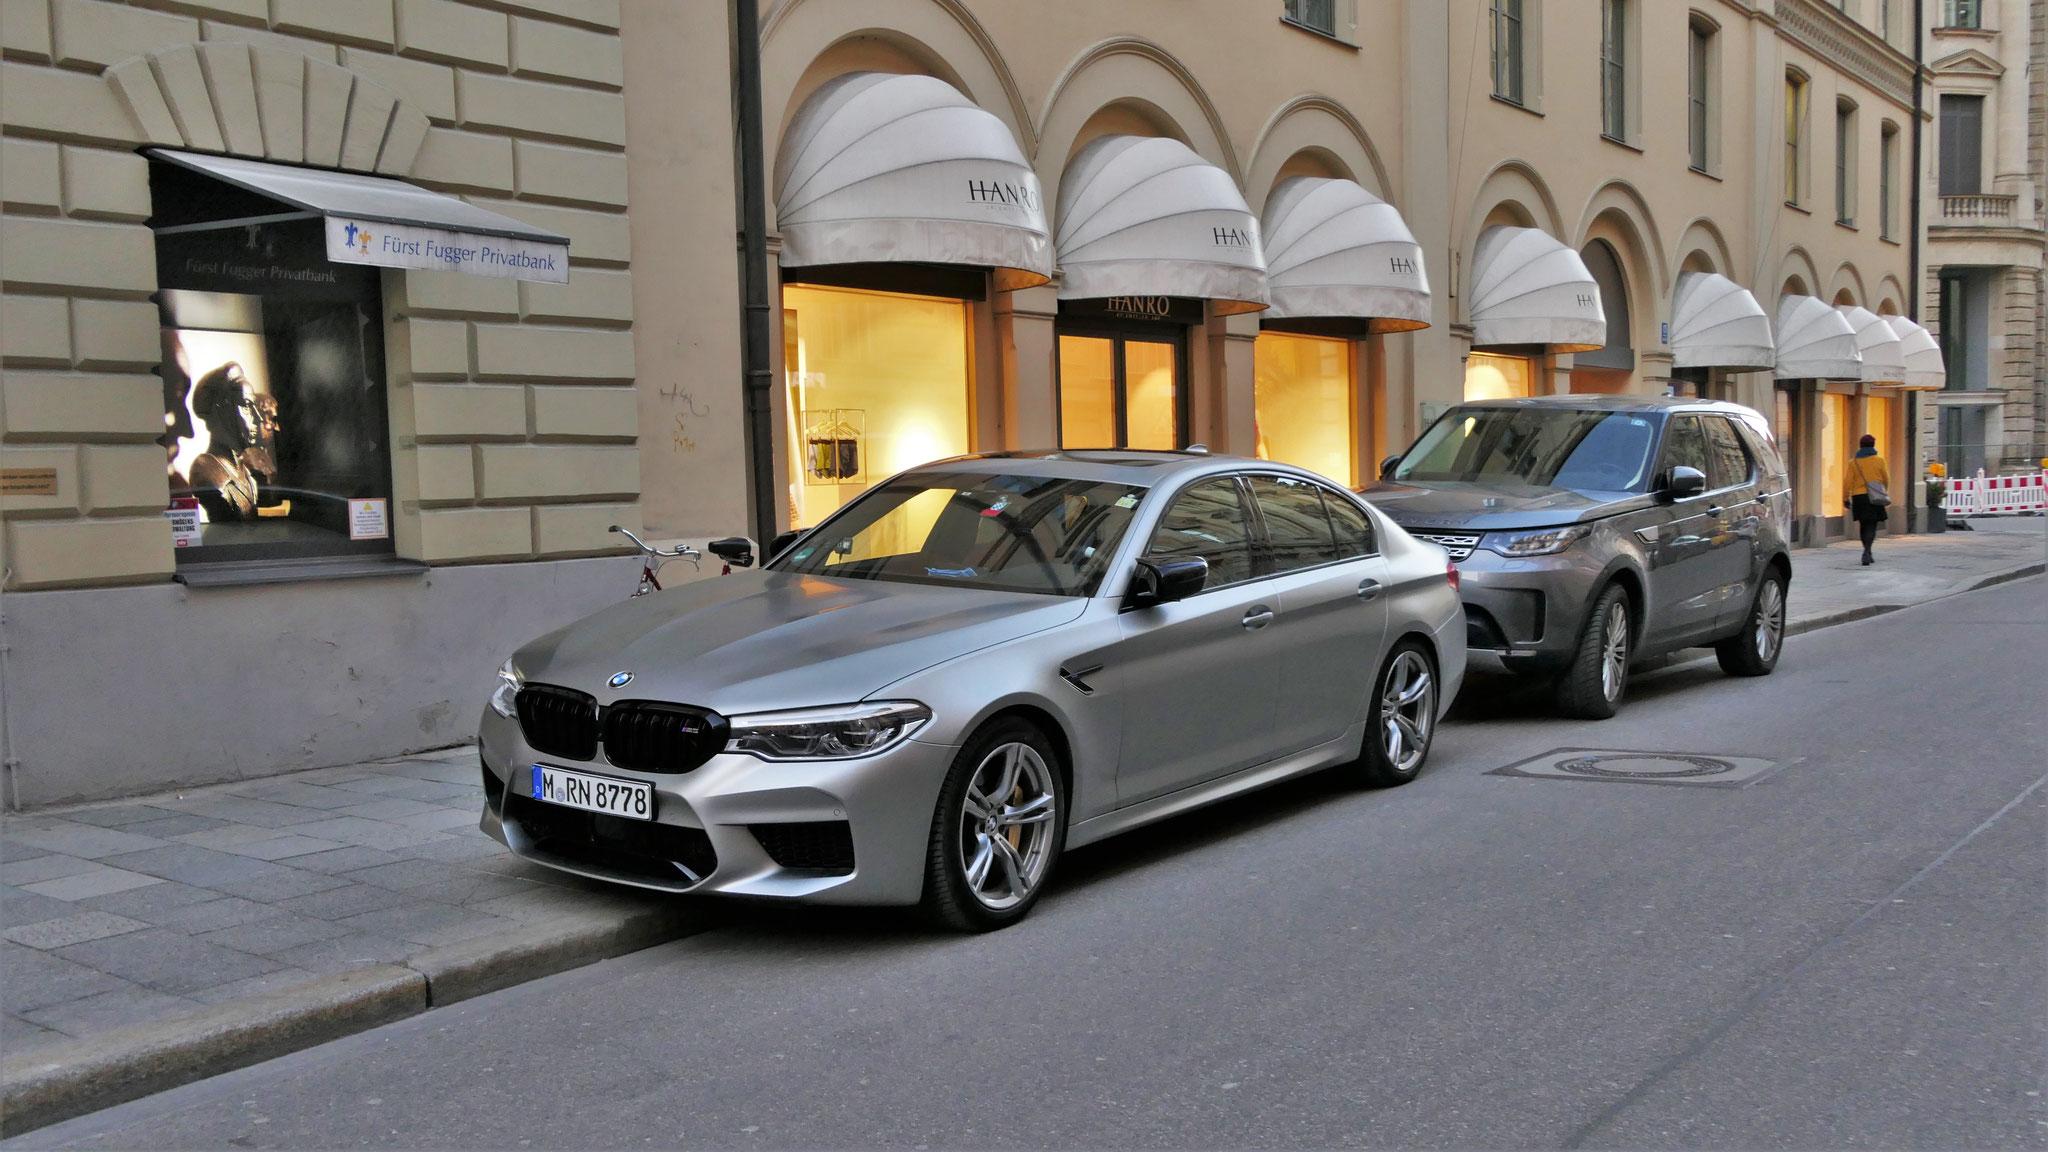 BMW M5 - M-RN-8778